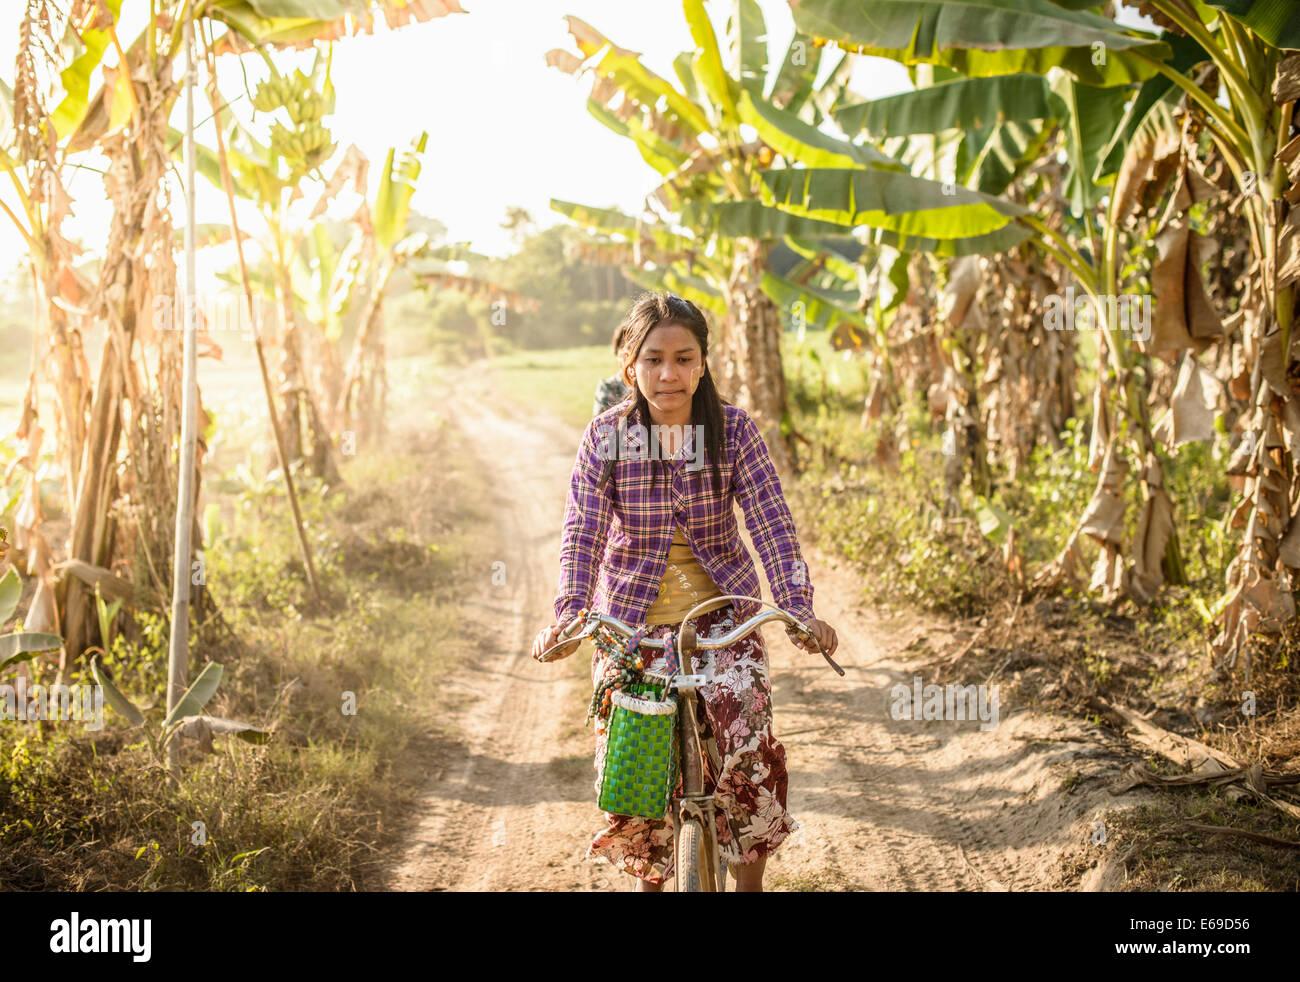 Mujer Asiática montando bicicleta en carretera rural Foto de stock